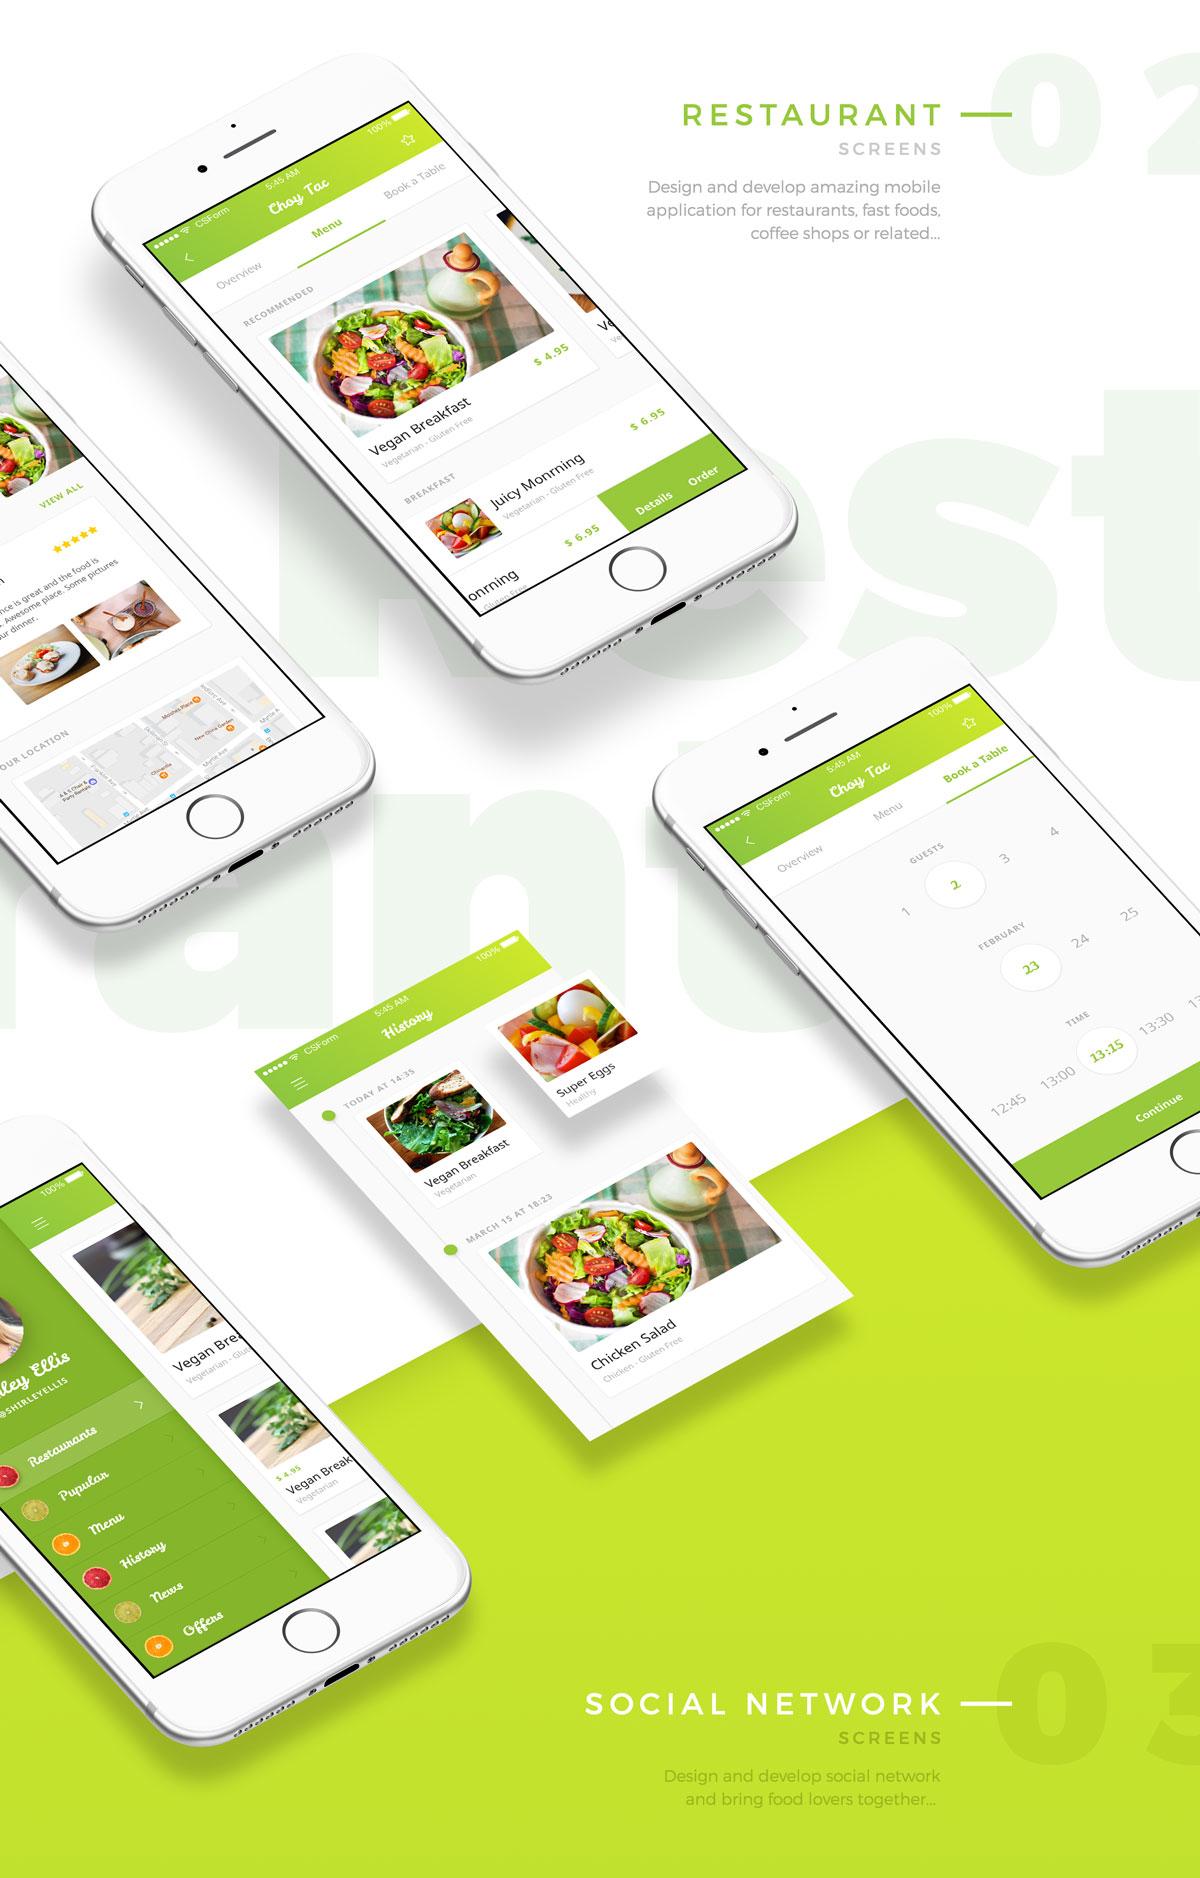 扁平化有机食品UI套件 - 1个UI套件中的4个APP应用 organic food UI KIT